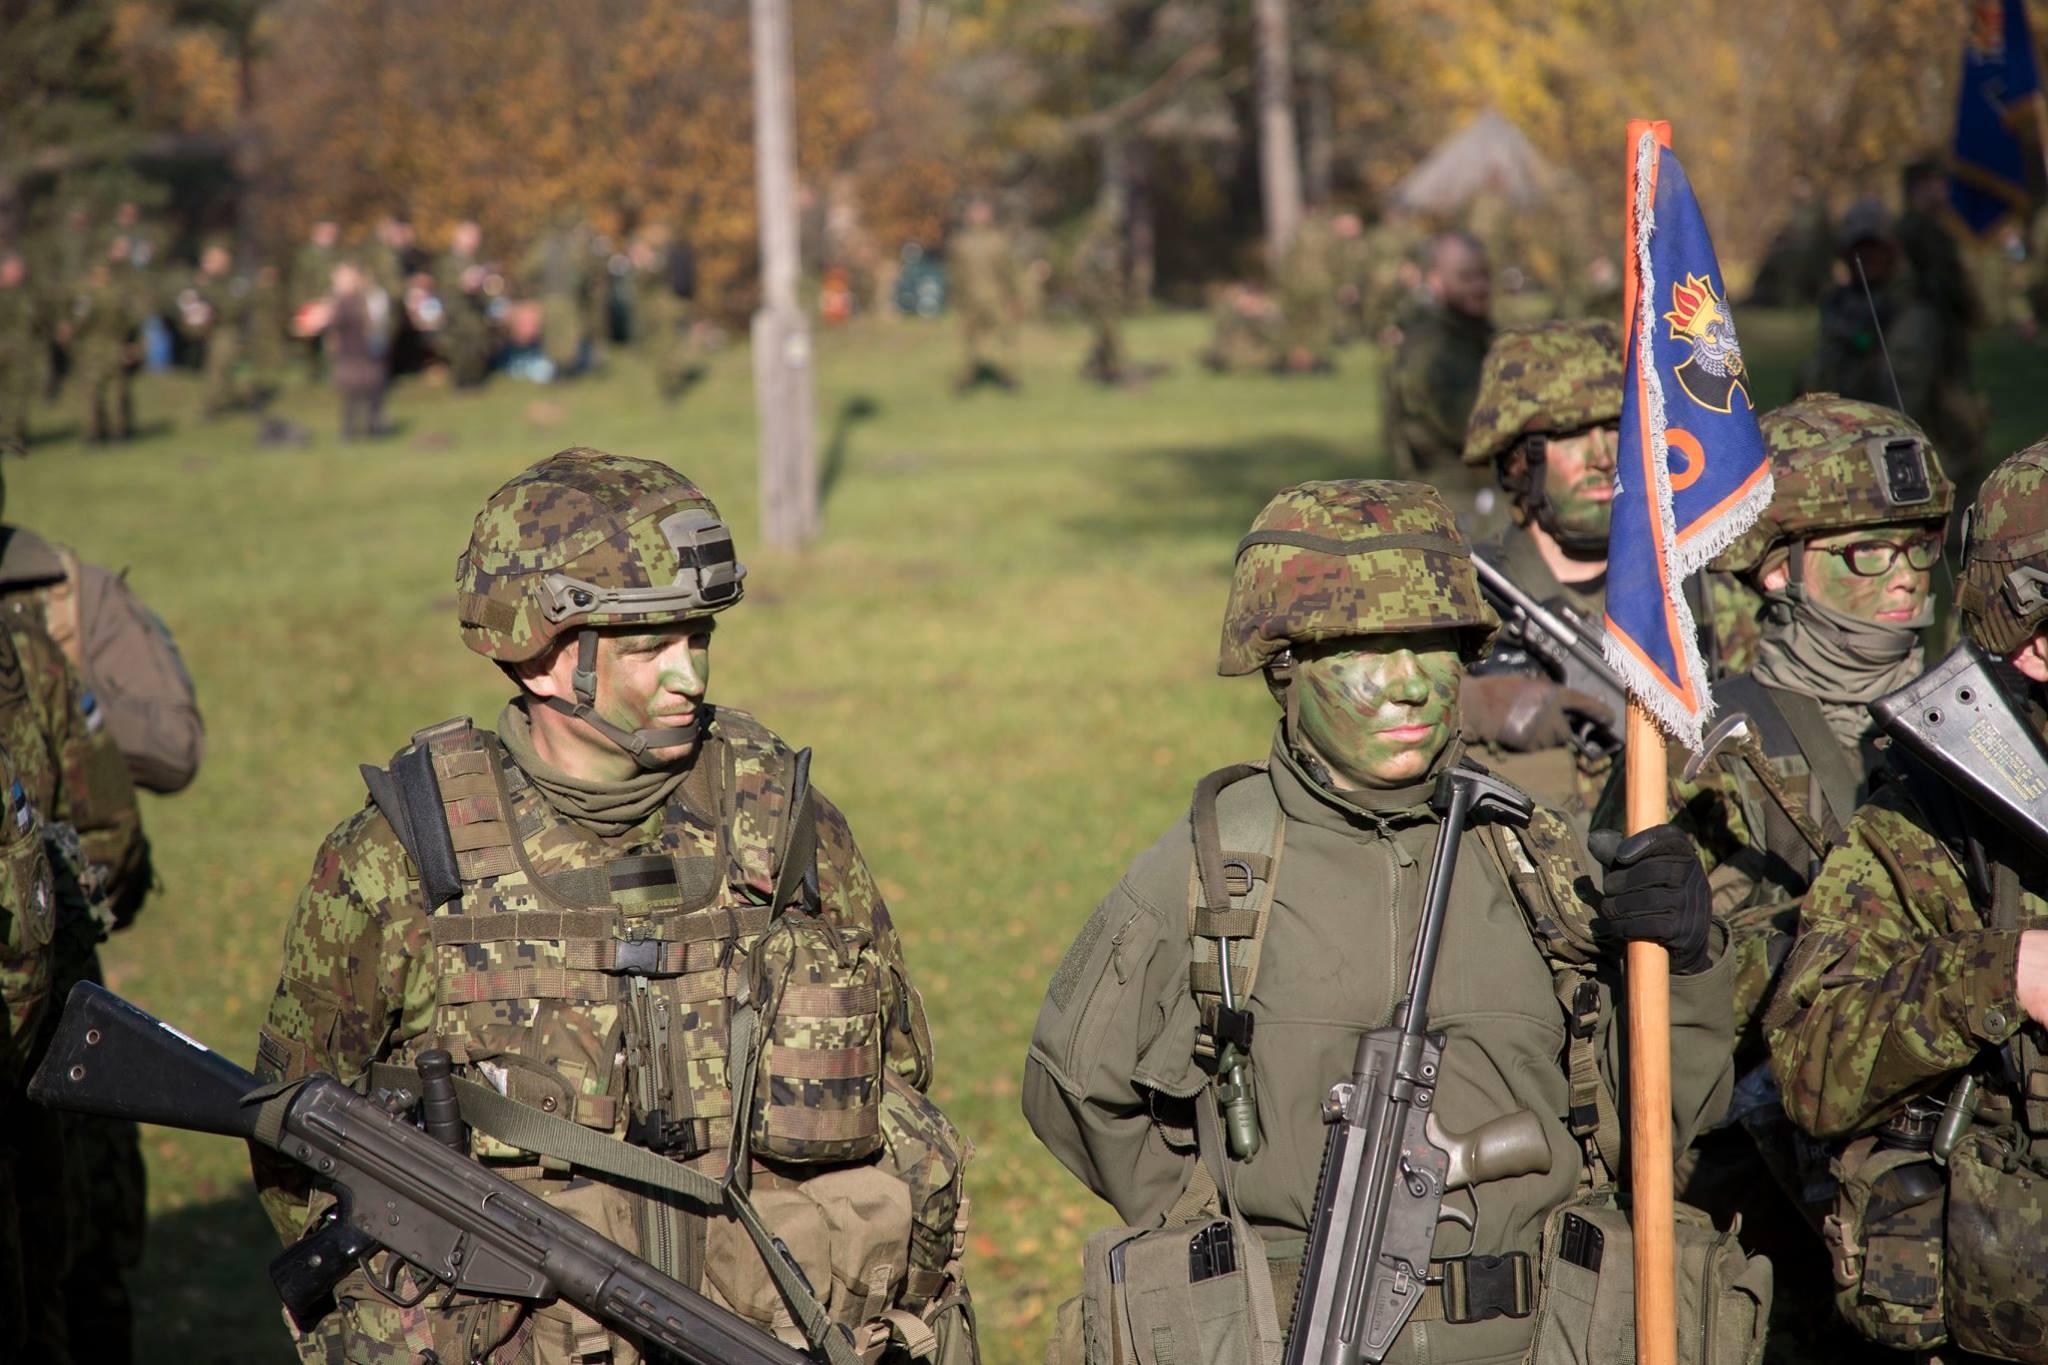 VAATA VIDEOT! Vabatahtlikke riigikaitsjaid koondav kaitseliit saab 100-aastaseks